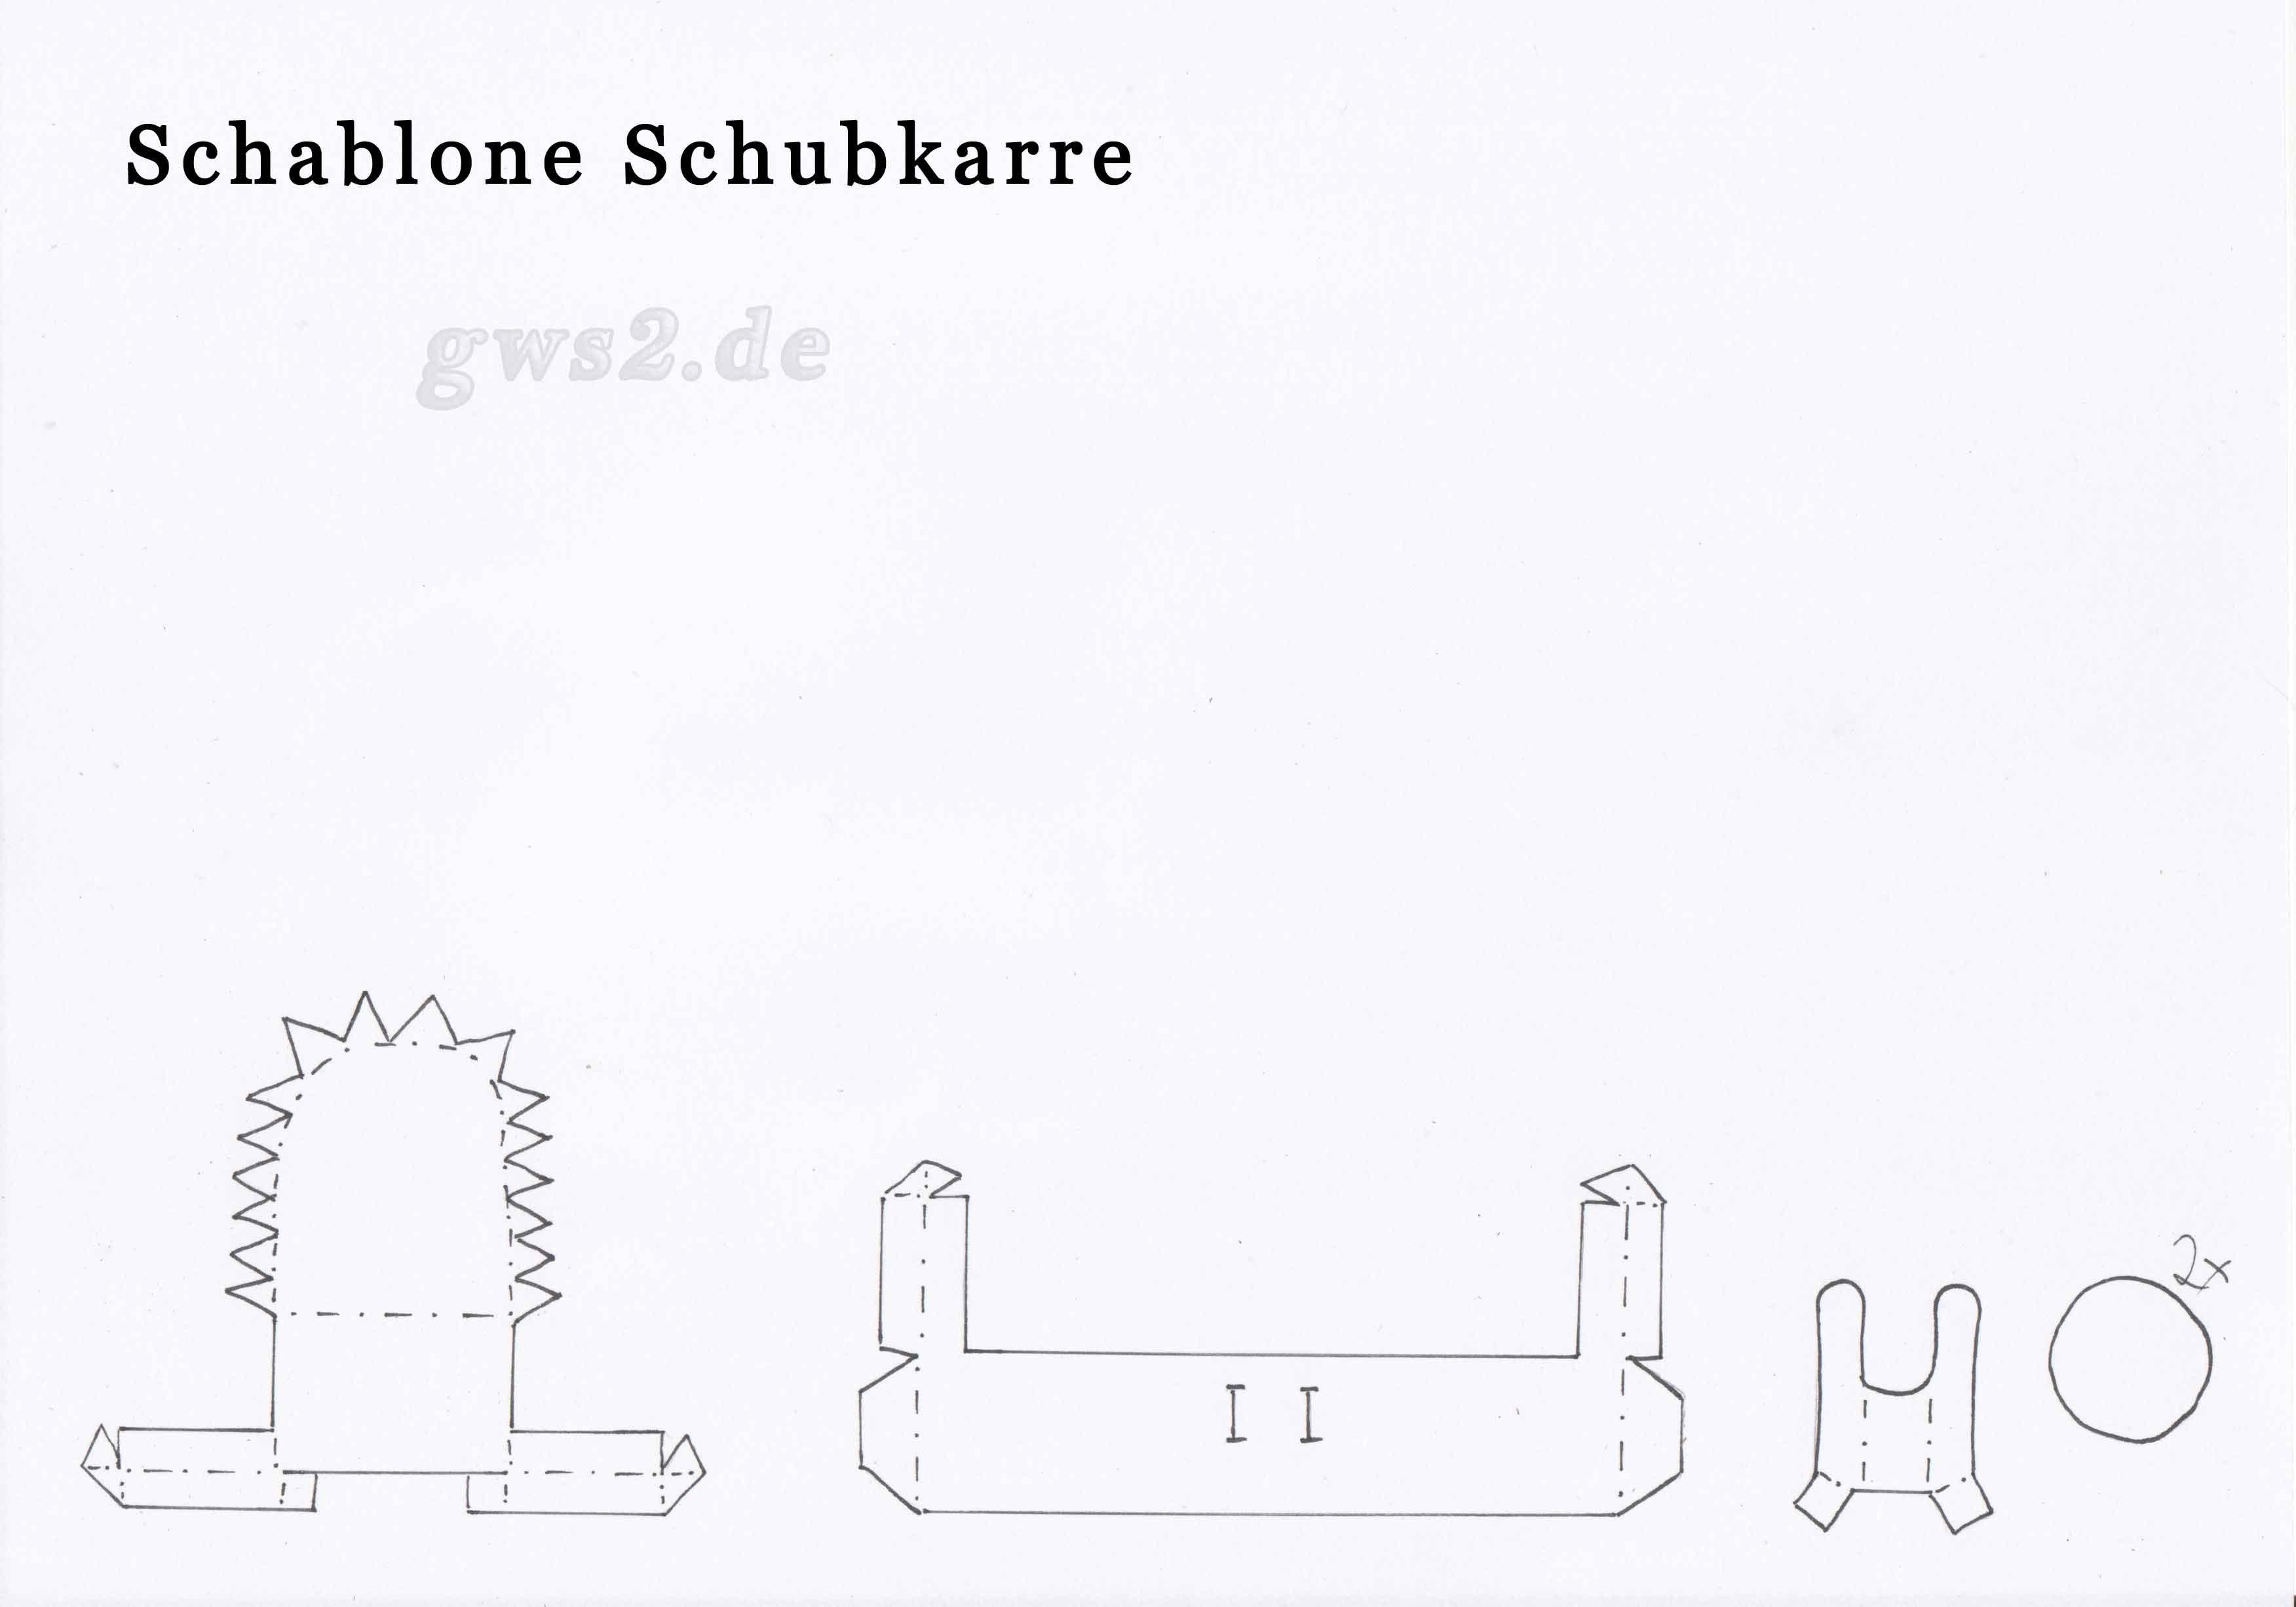 Bild von Schablone für Schubkarre aus Papier